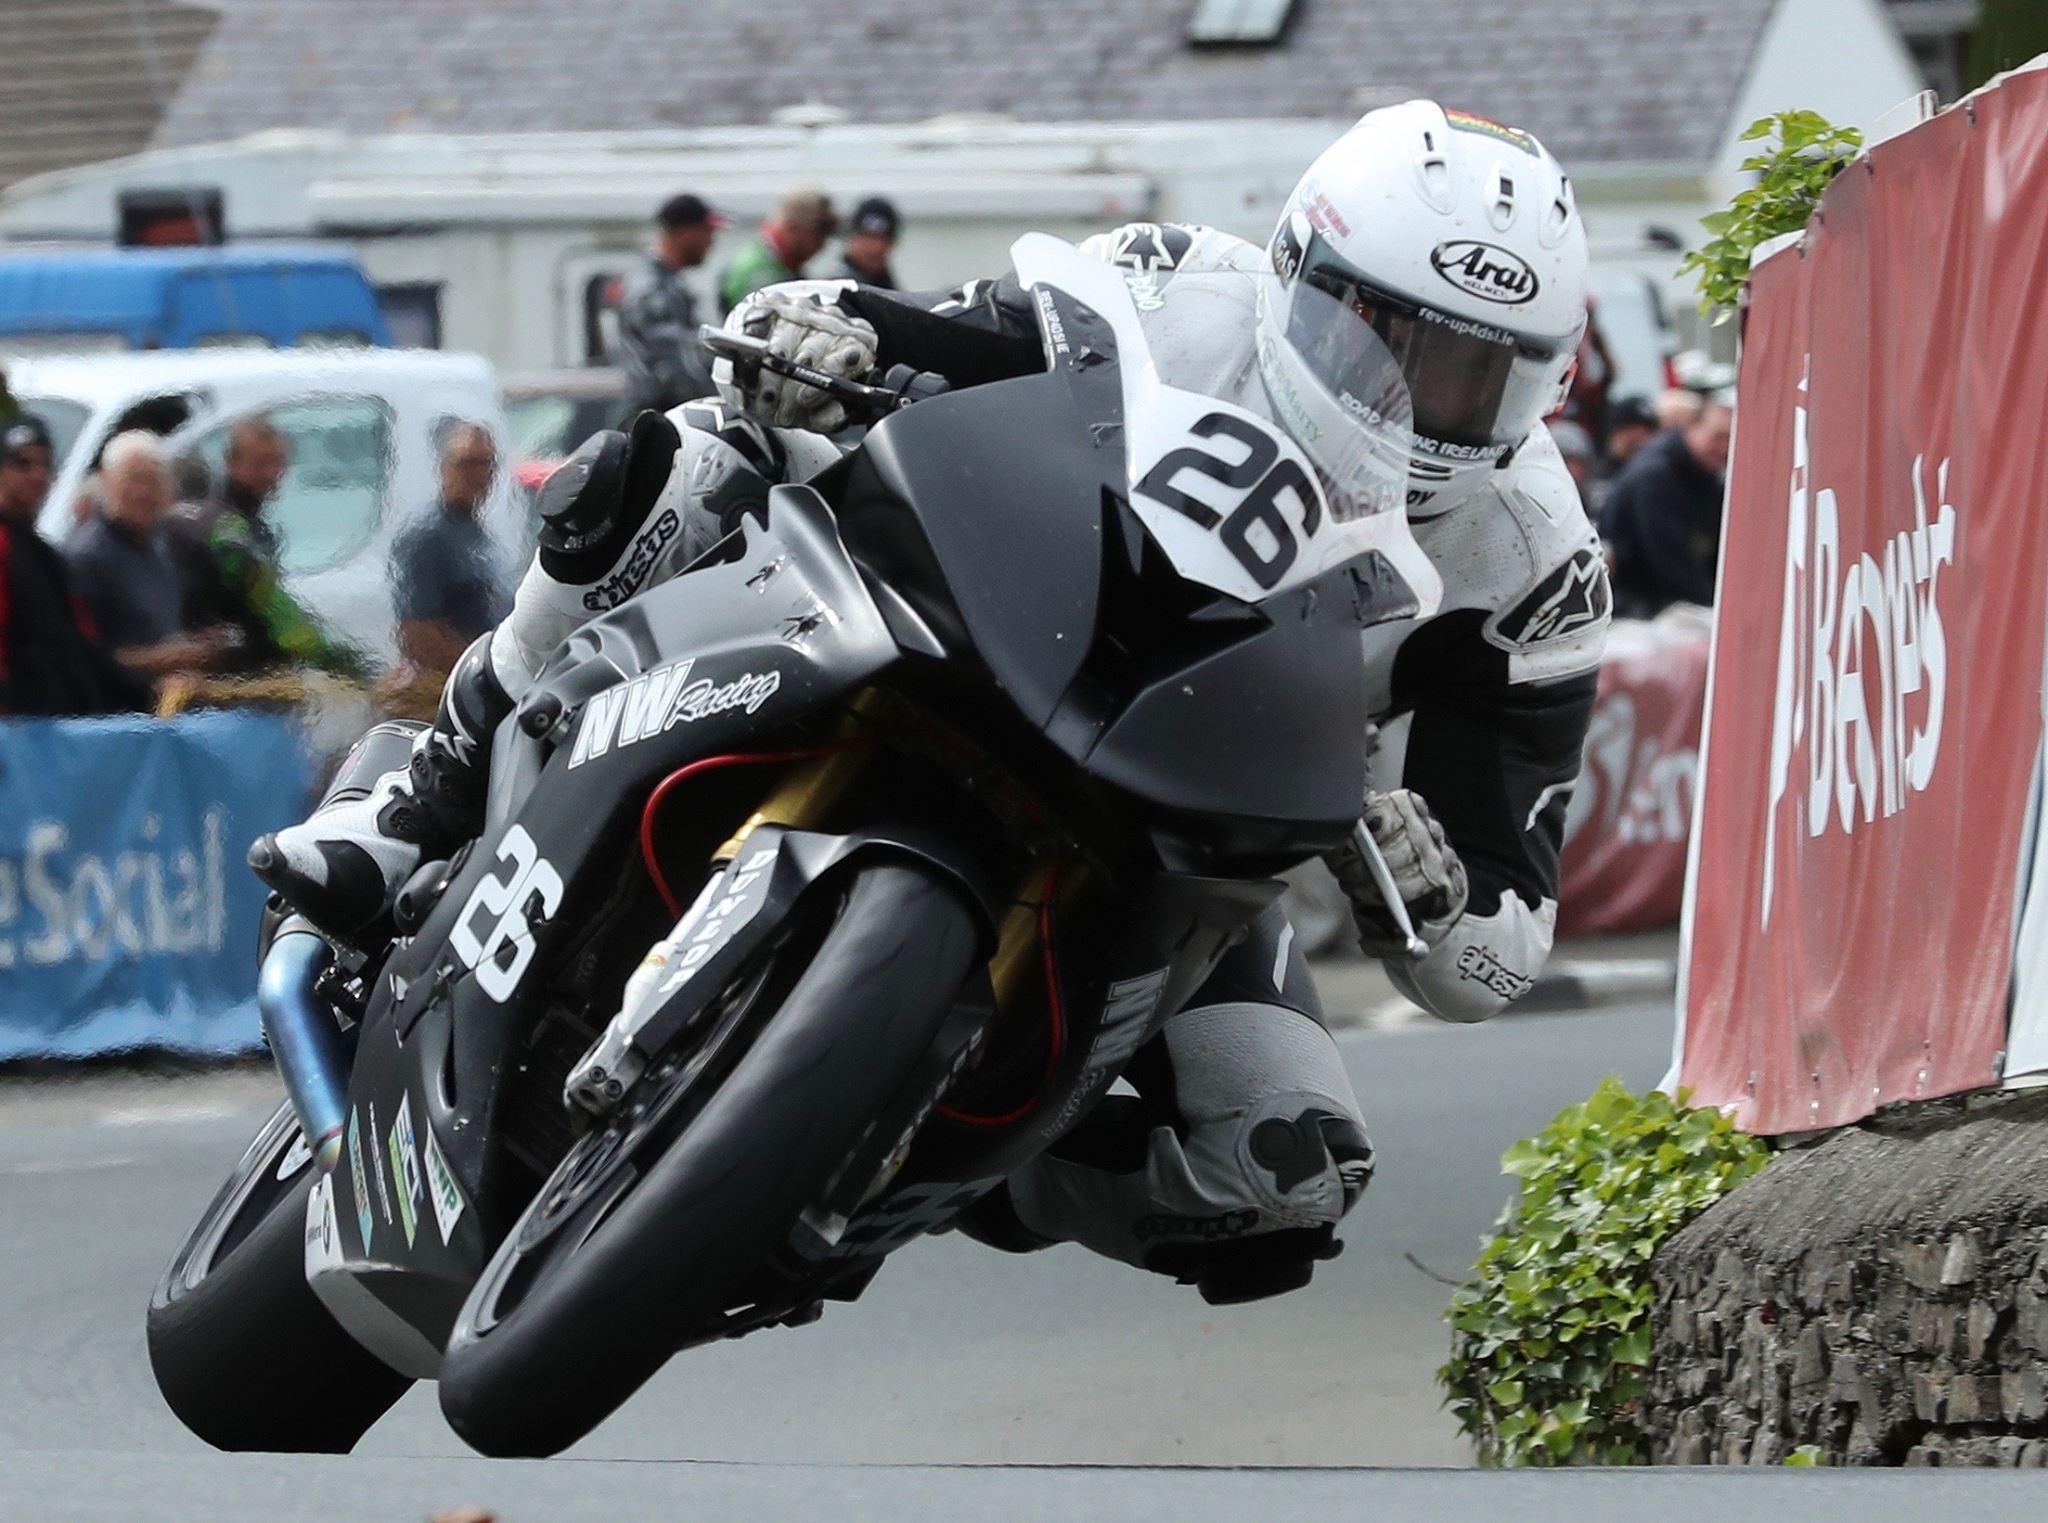 Alan Bonner Isle of Man TT 2017